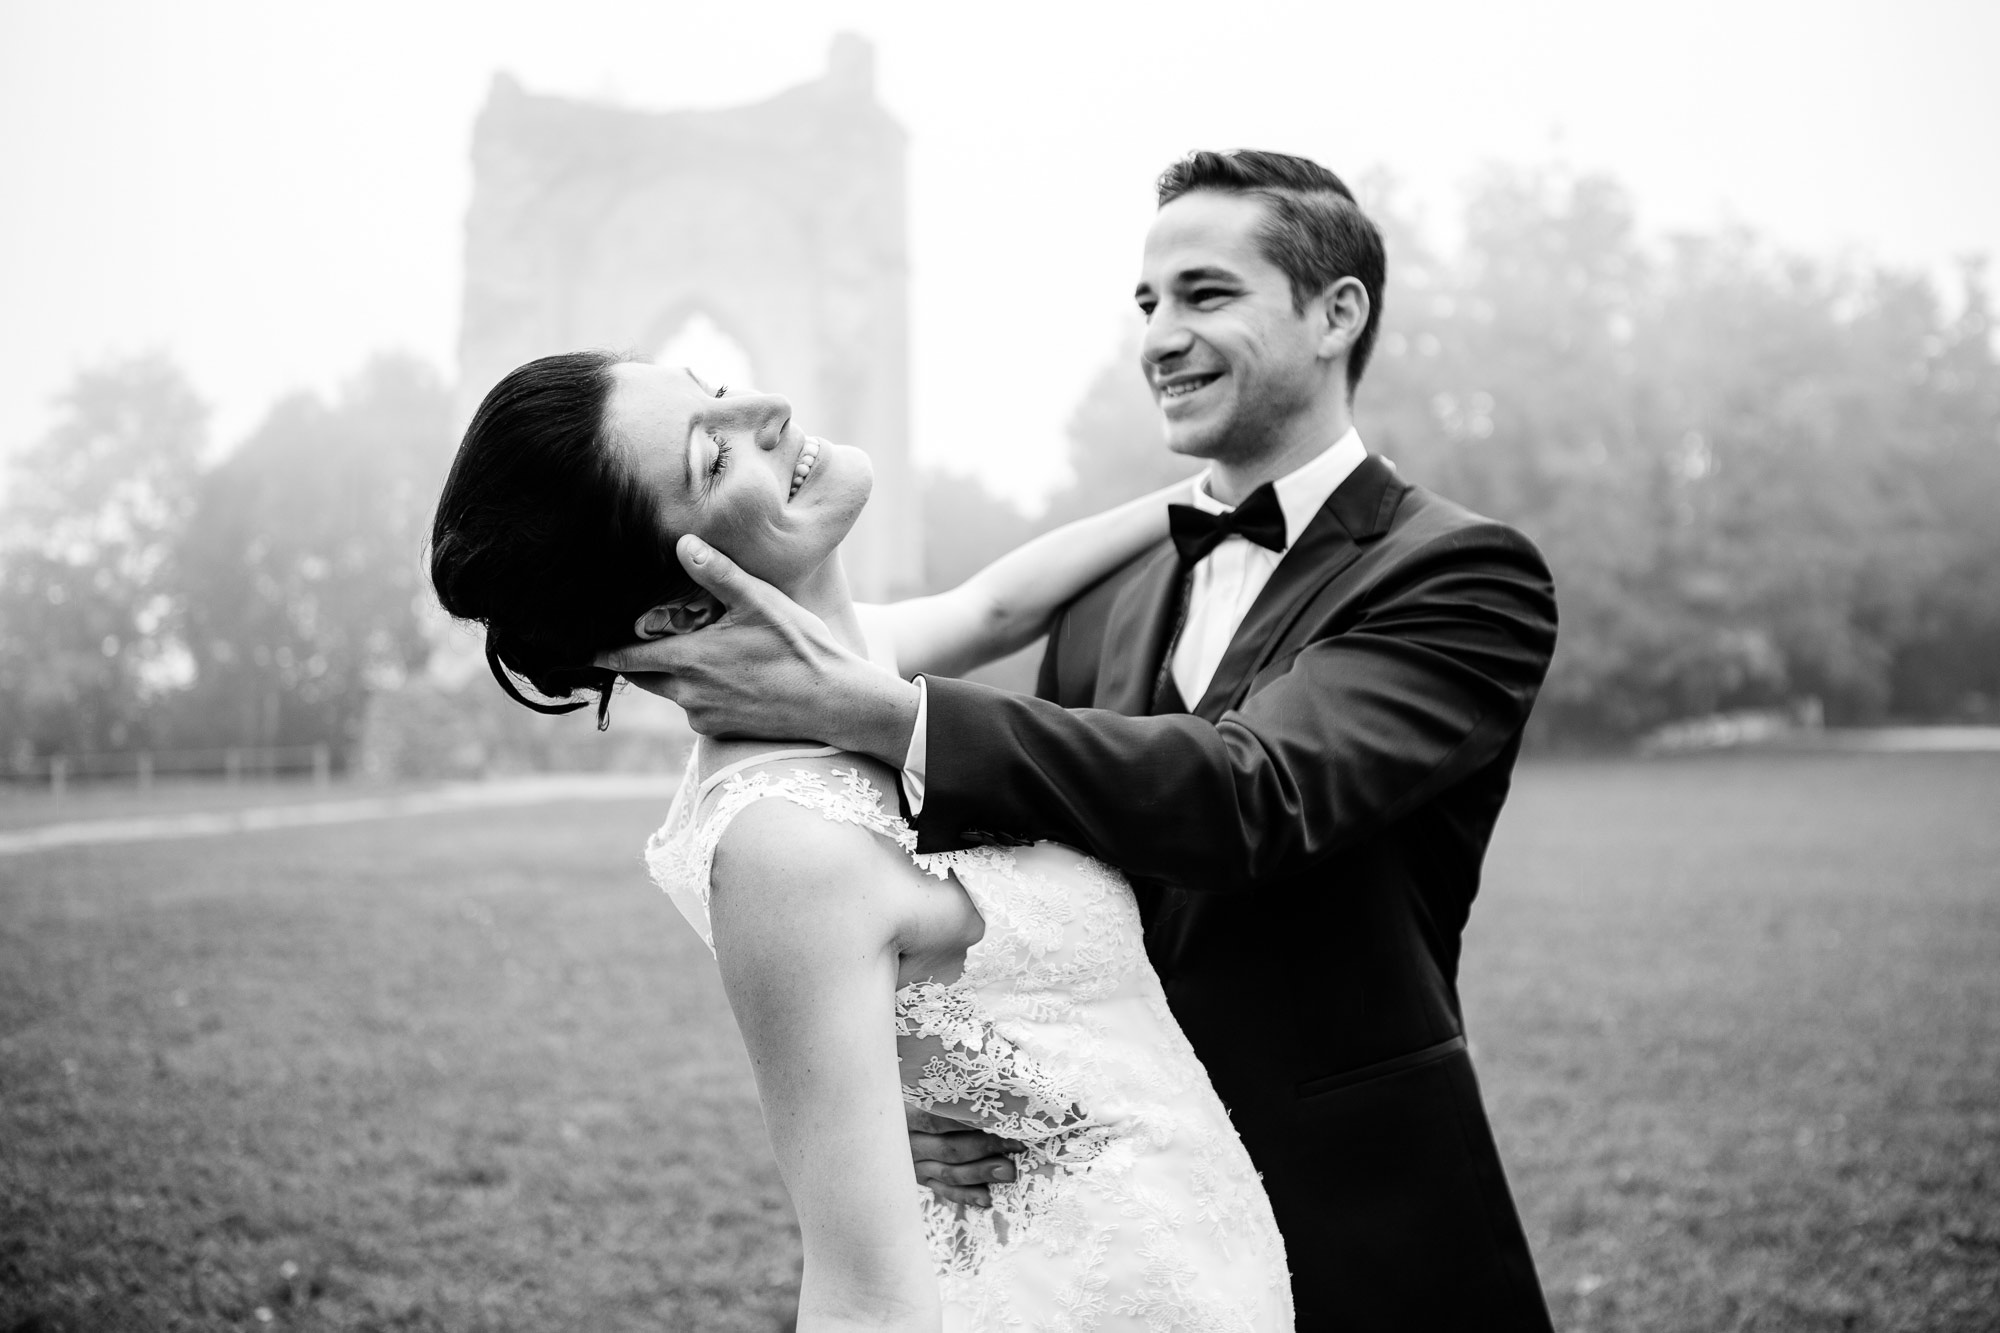 photographe mariage Grenoble Couvent des Carmes